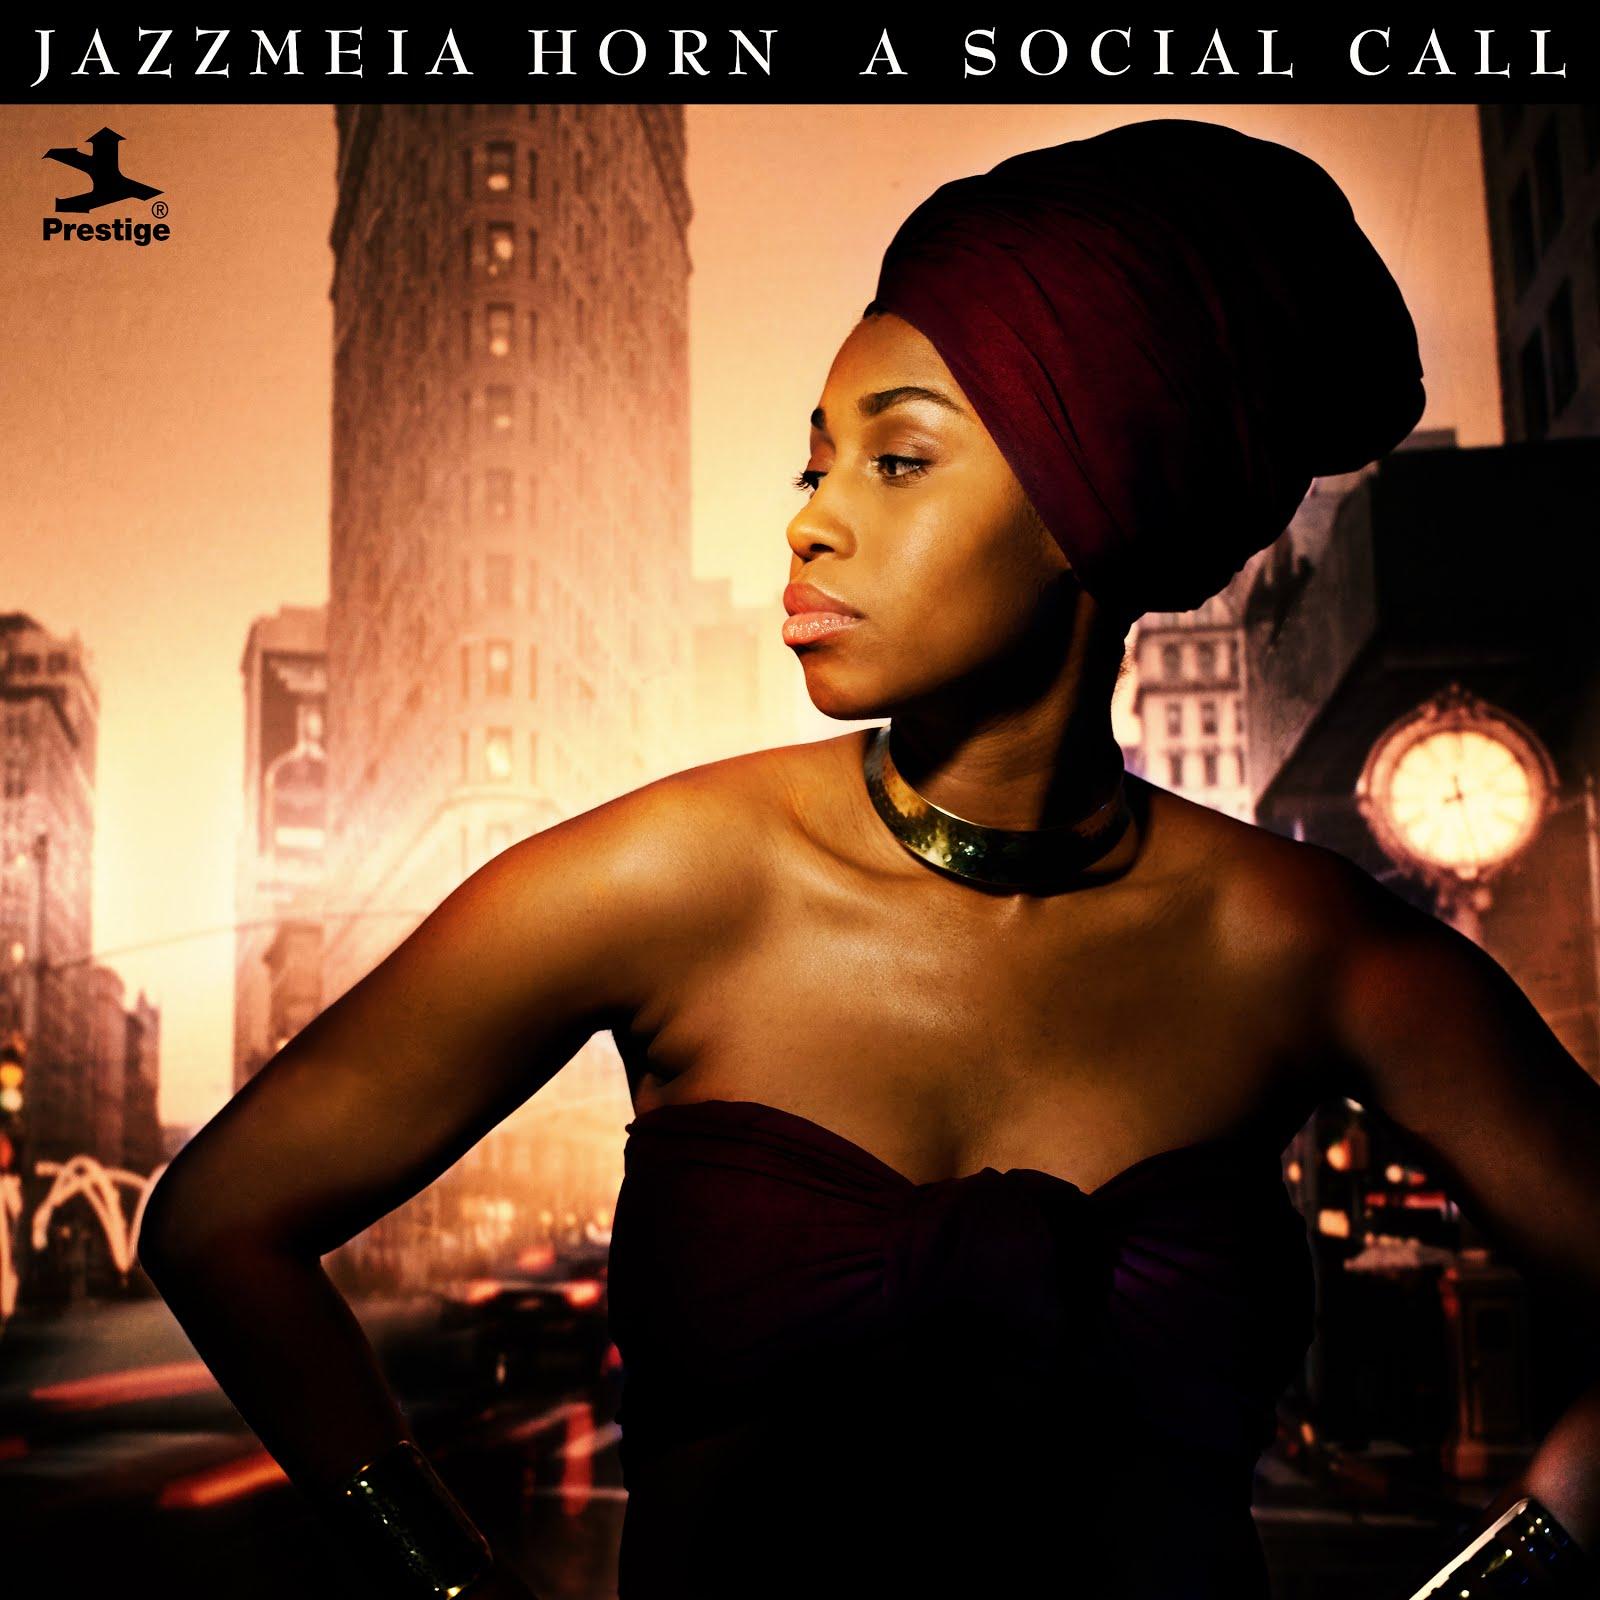 JAZZMEIA HORN: A SOCIAL CALL